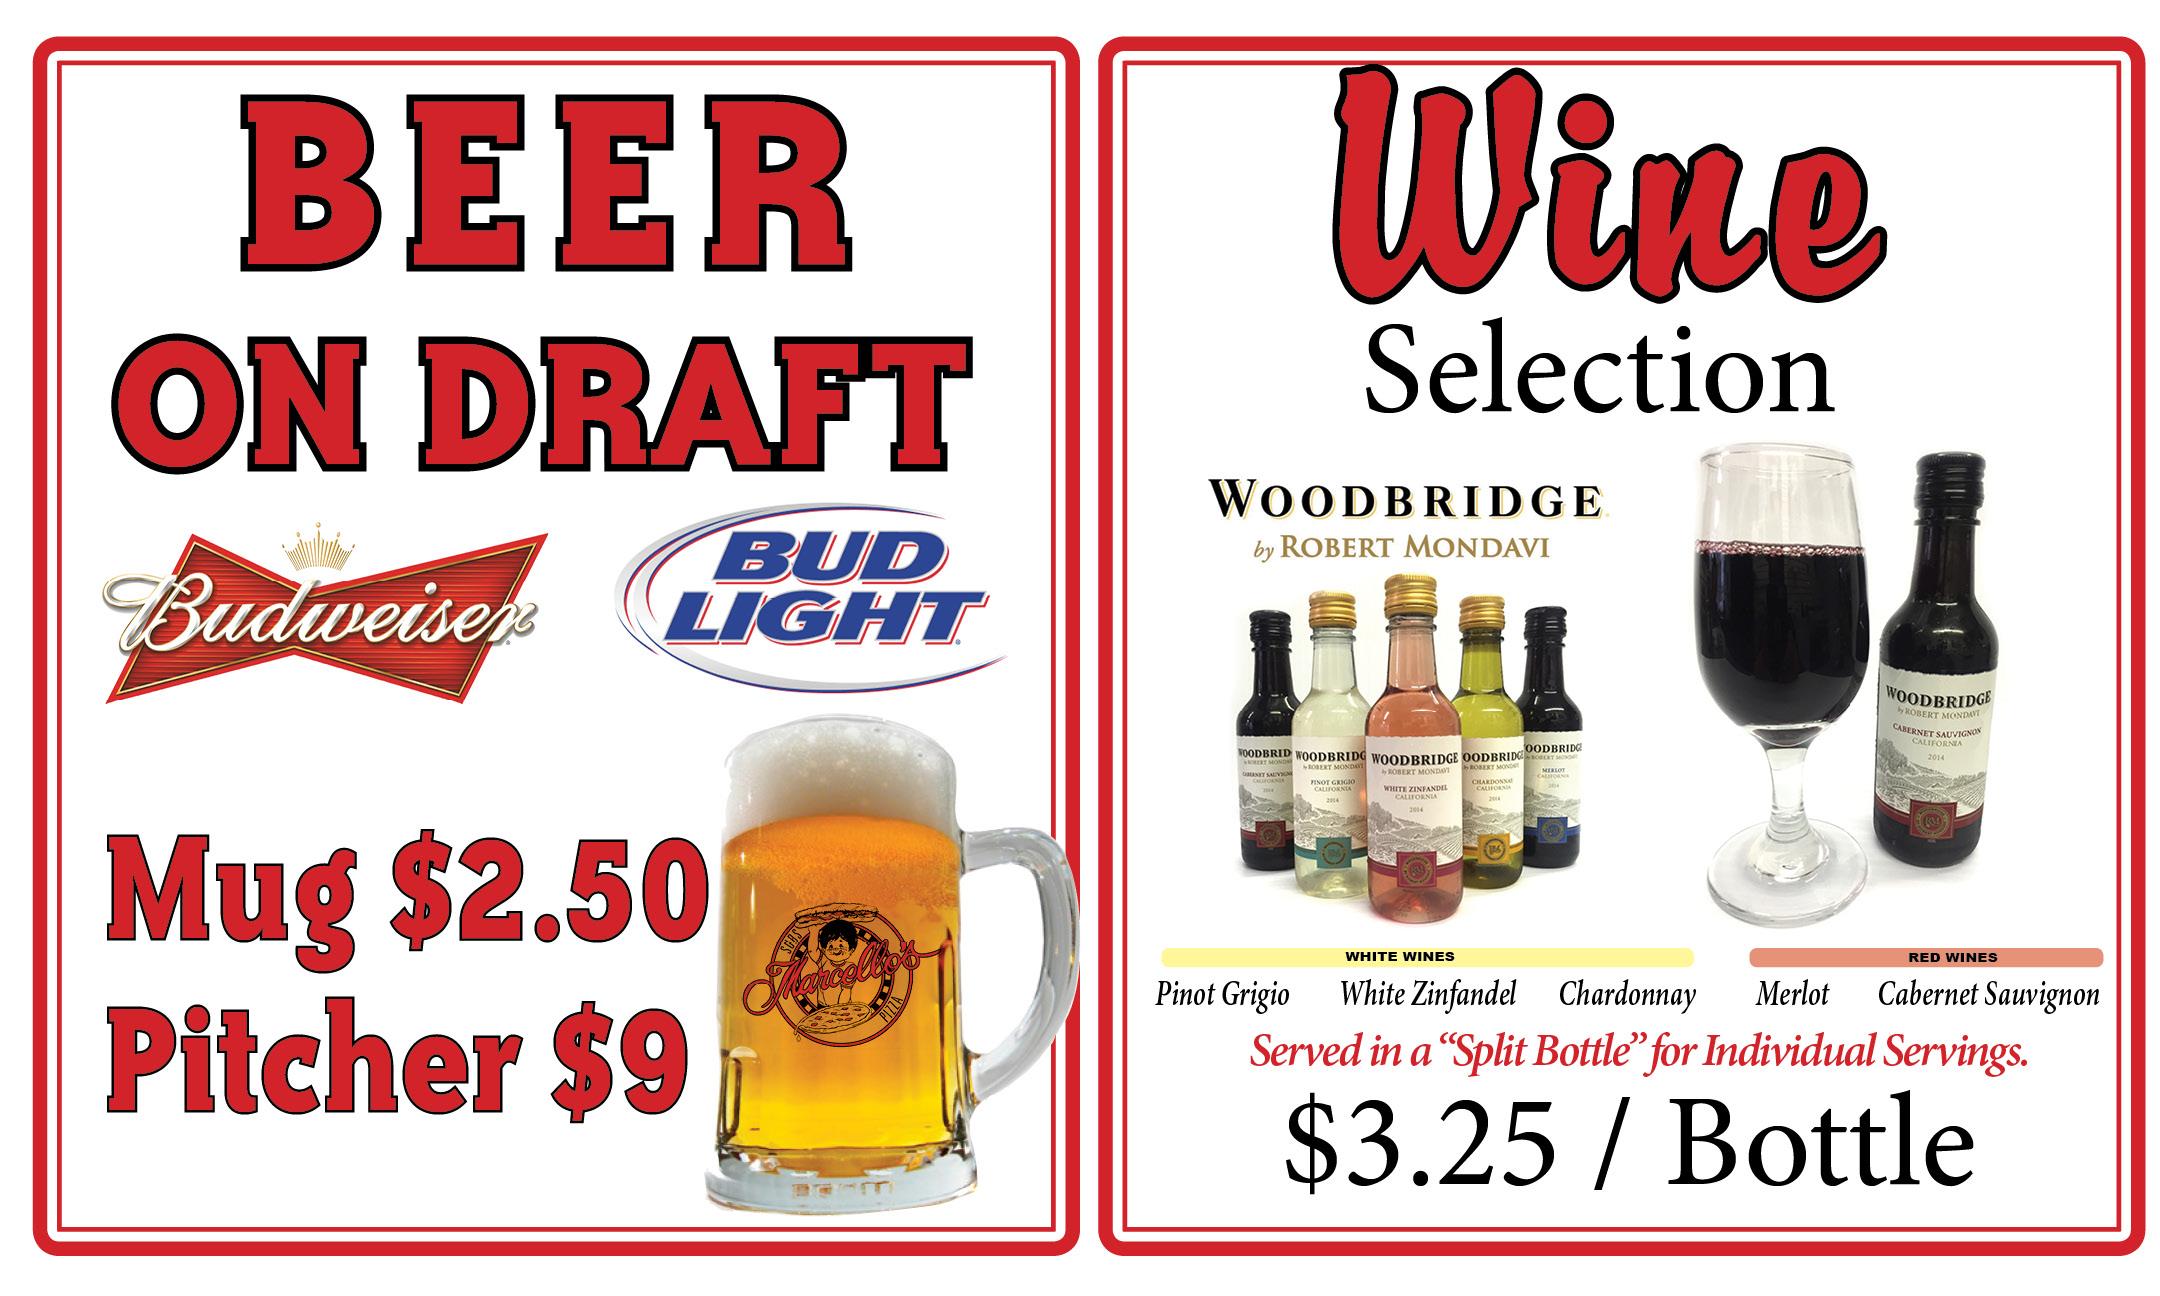 Beer on Draft - Mug $2.50, Pitcher $9. Wine Selection - $3.25 per bottle